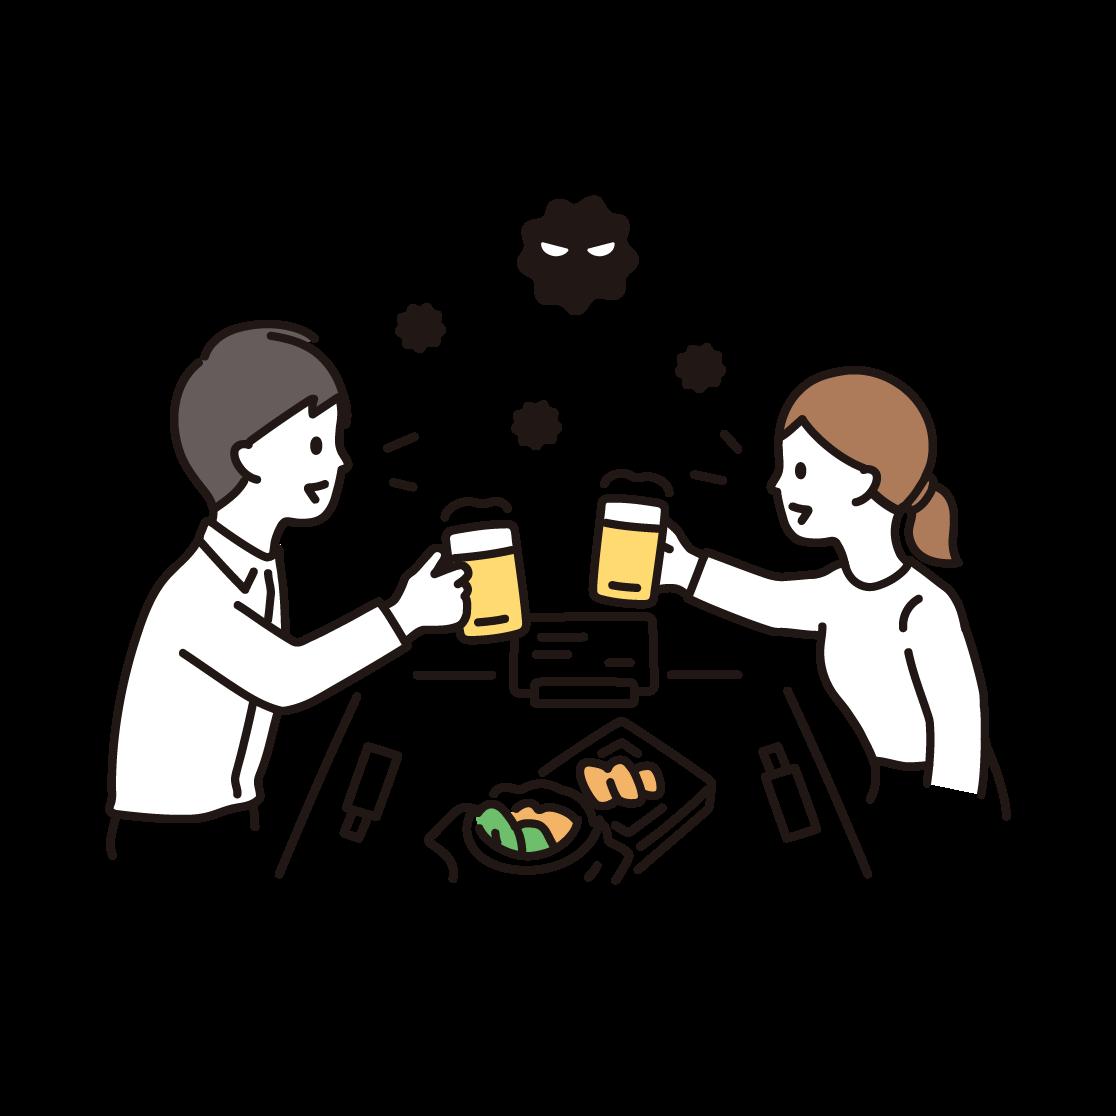 飲食(飛沫)のイラスト